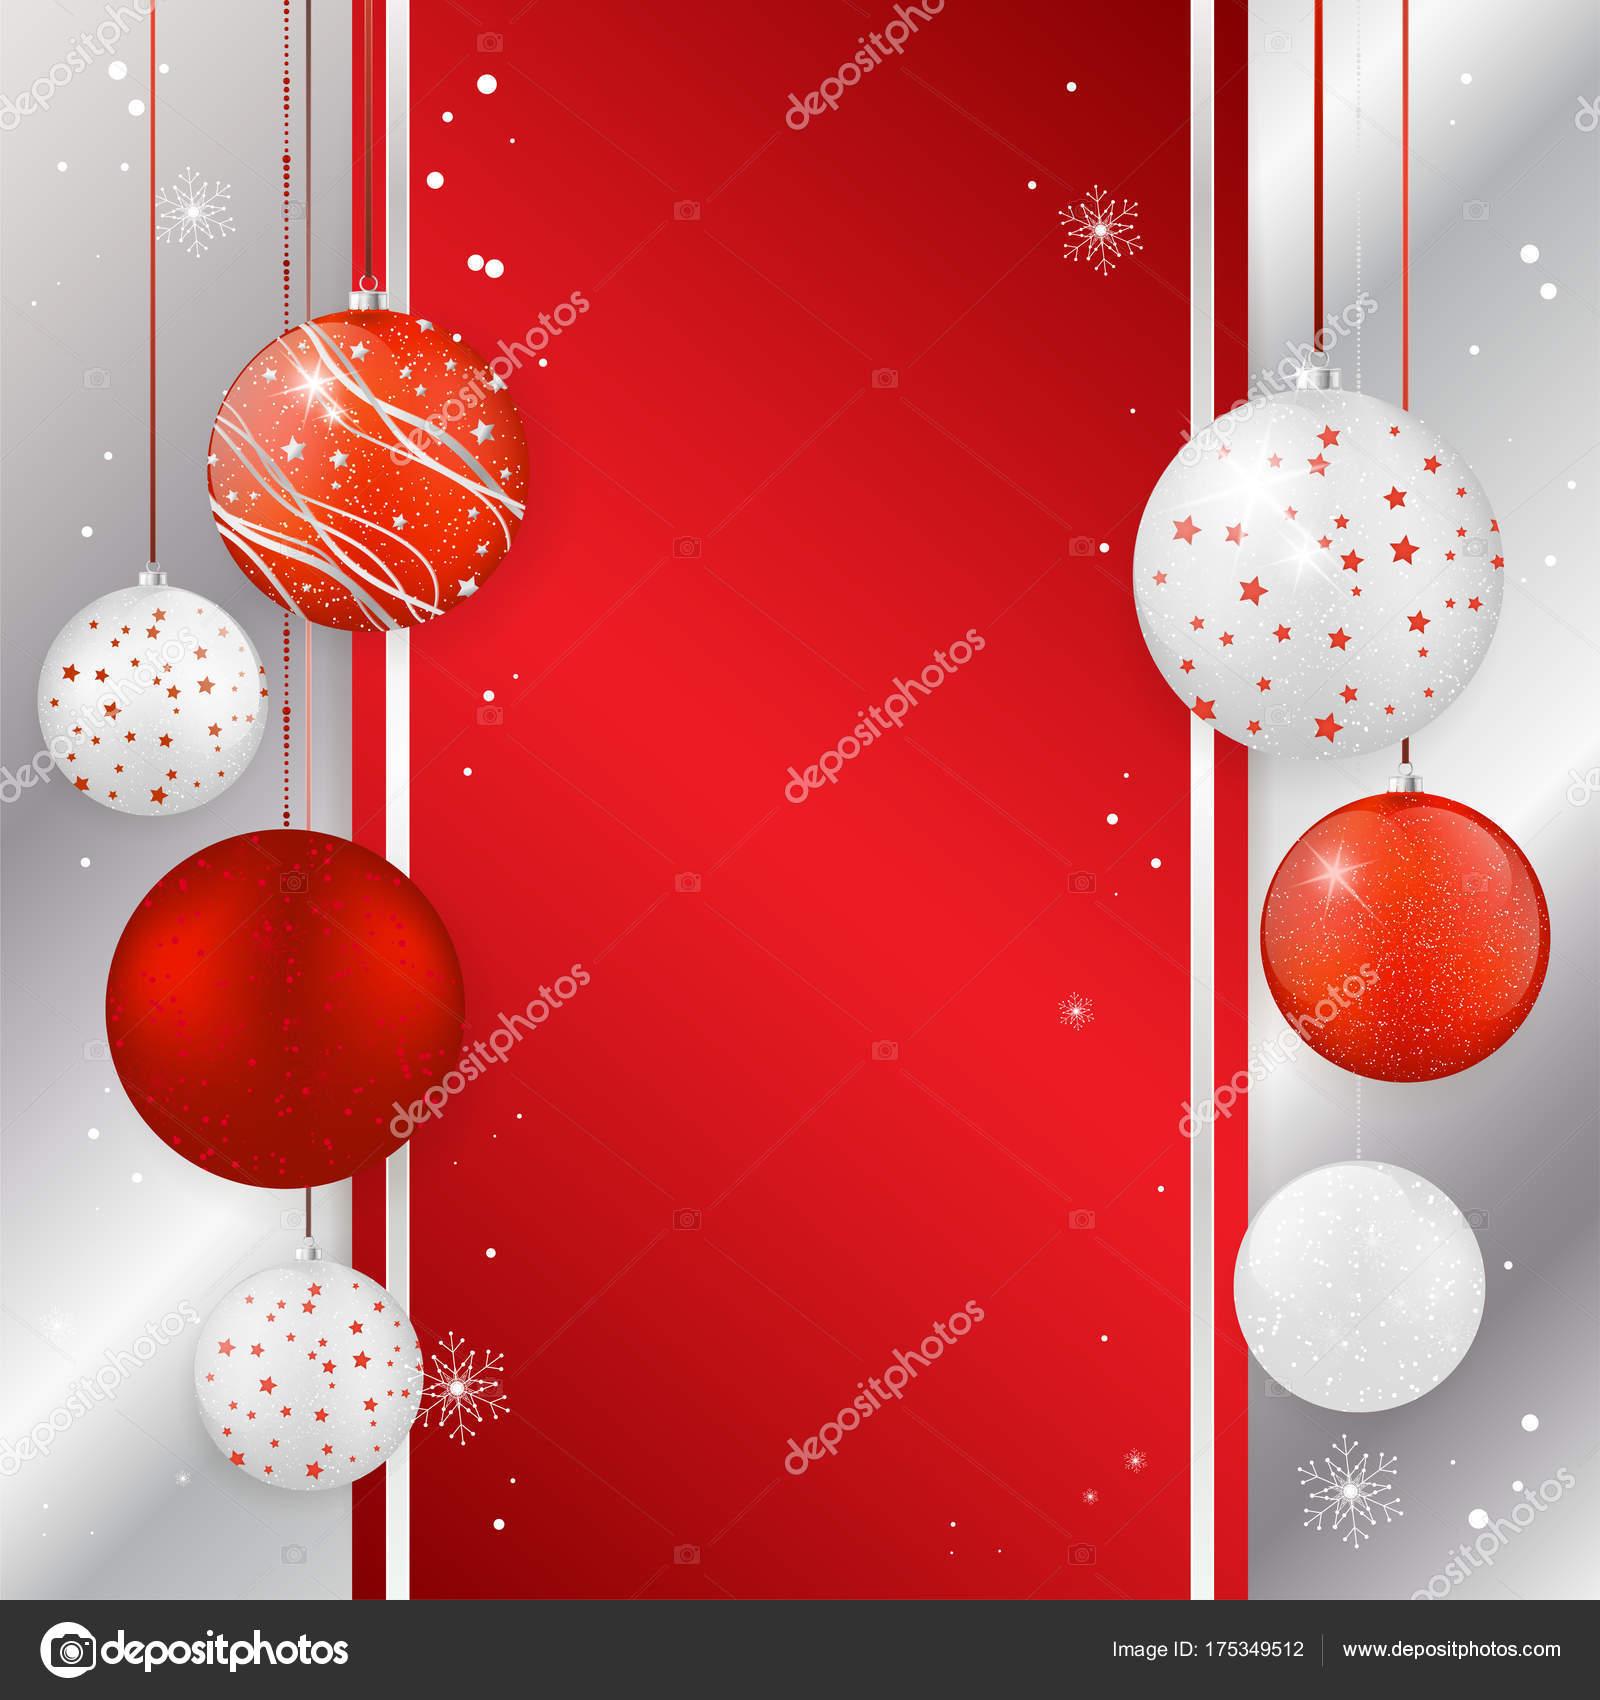 Kerstkaart Met Kerstballen In Rood En Zilver Kleuren Stockvector